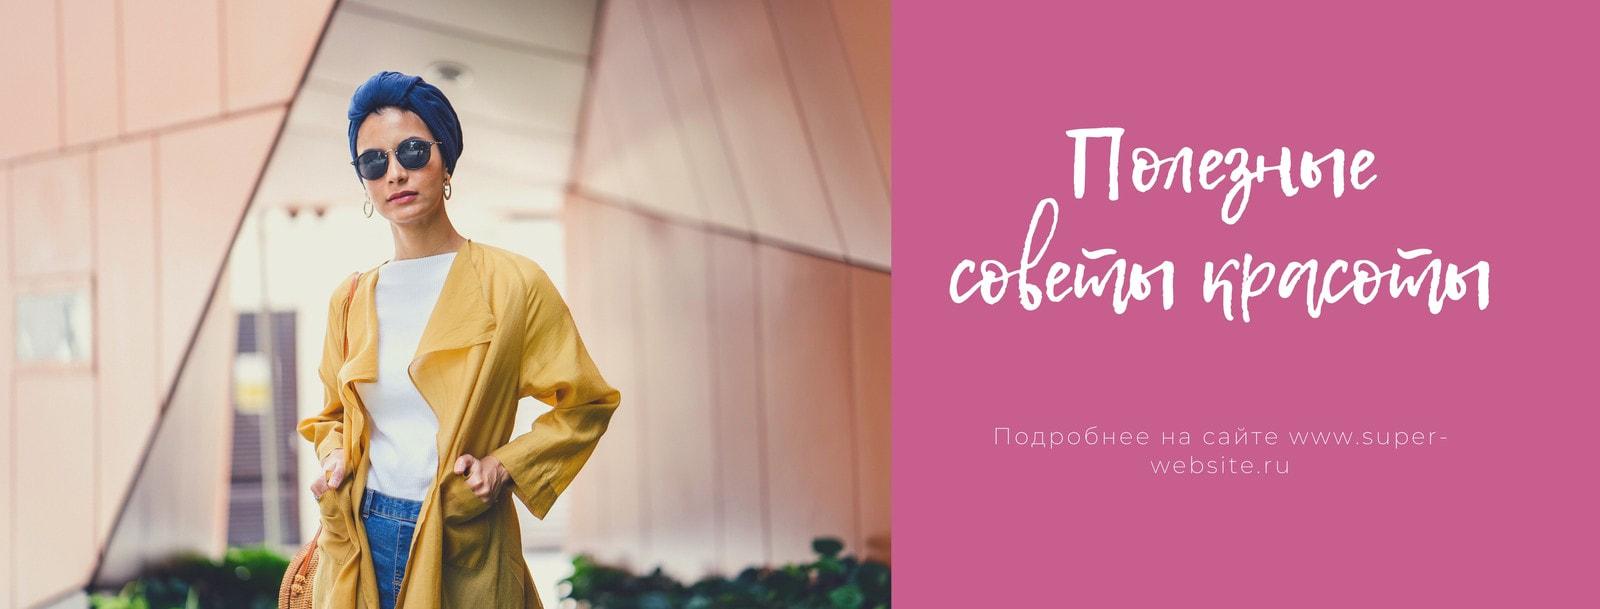 Розовый Женщина Фотография Распродажа или Бизнес Для Женщин Красота Facebook Обложка